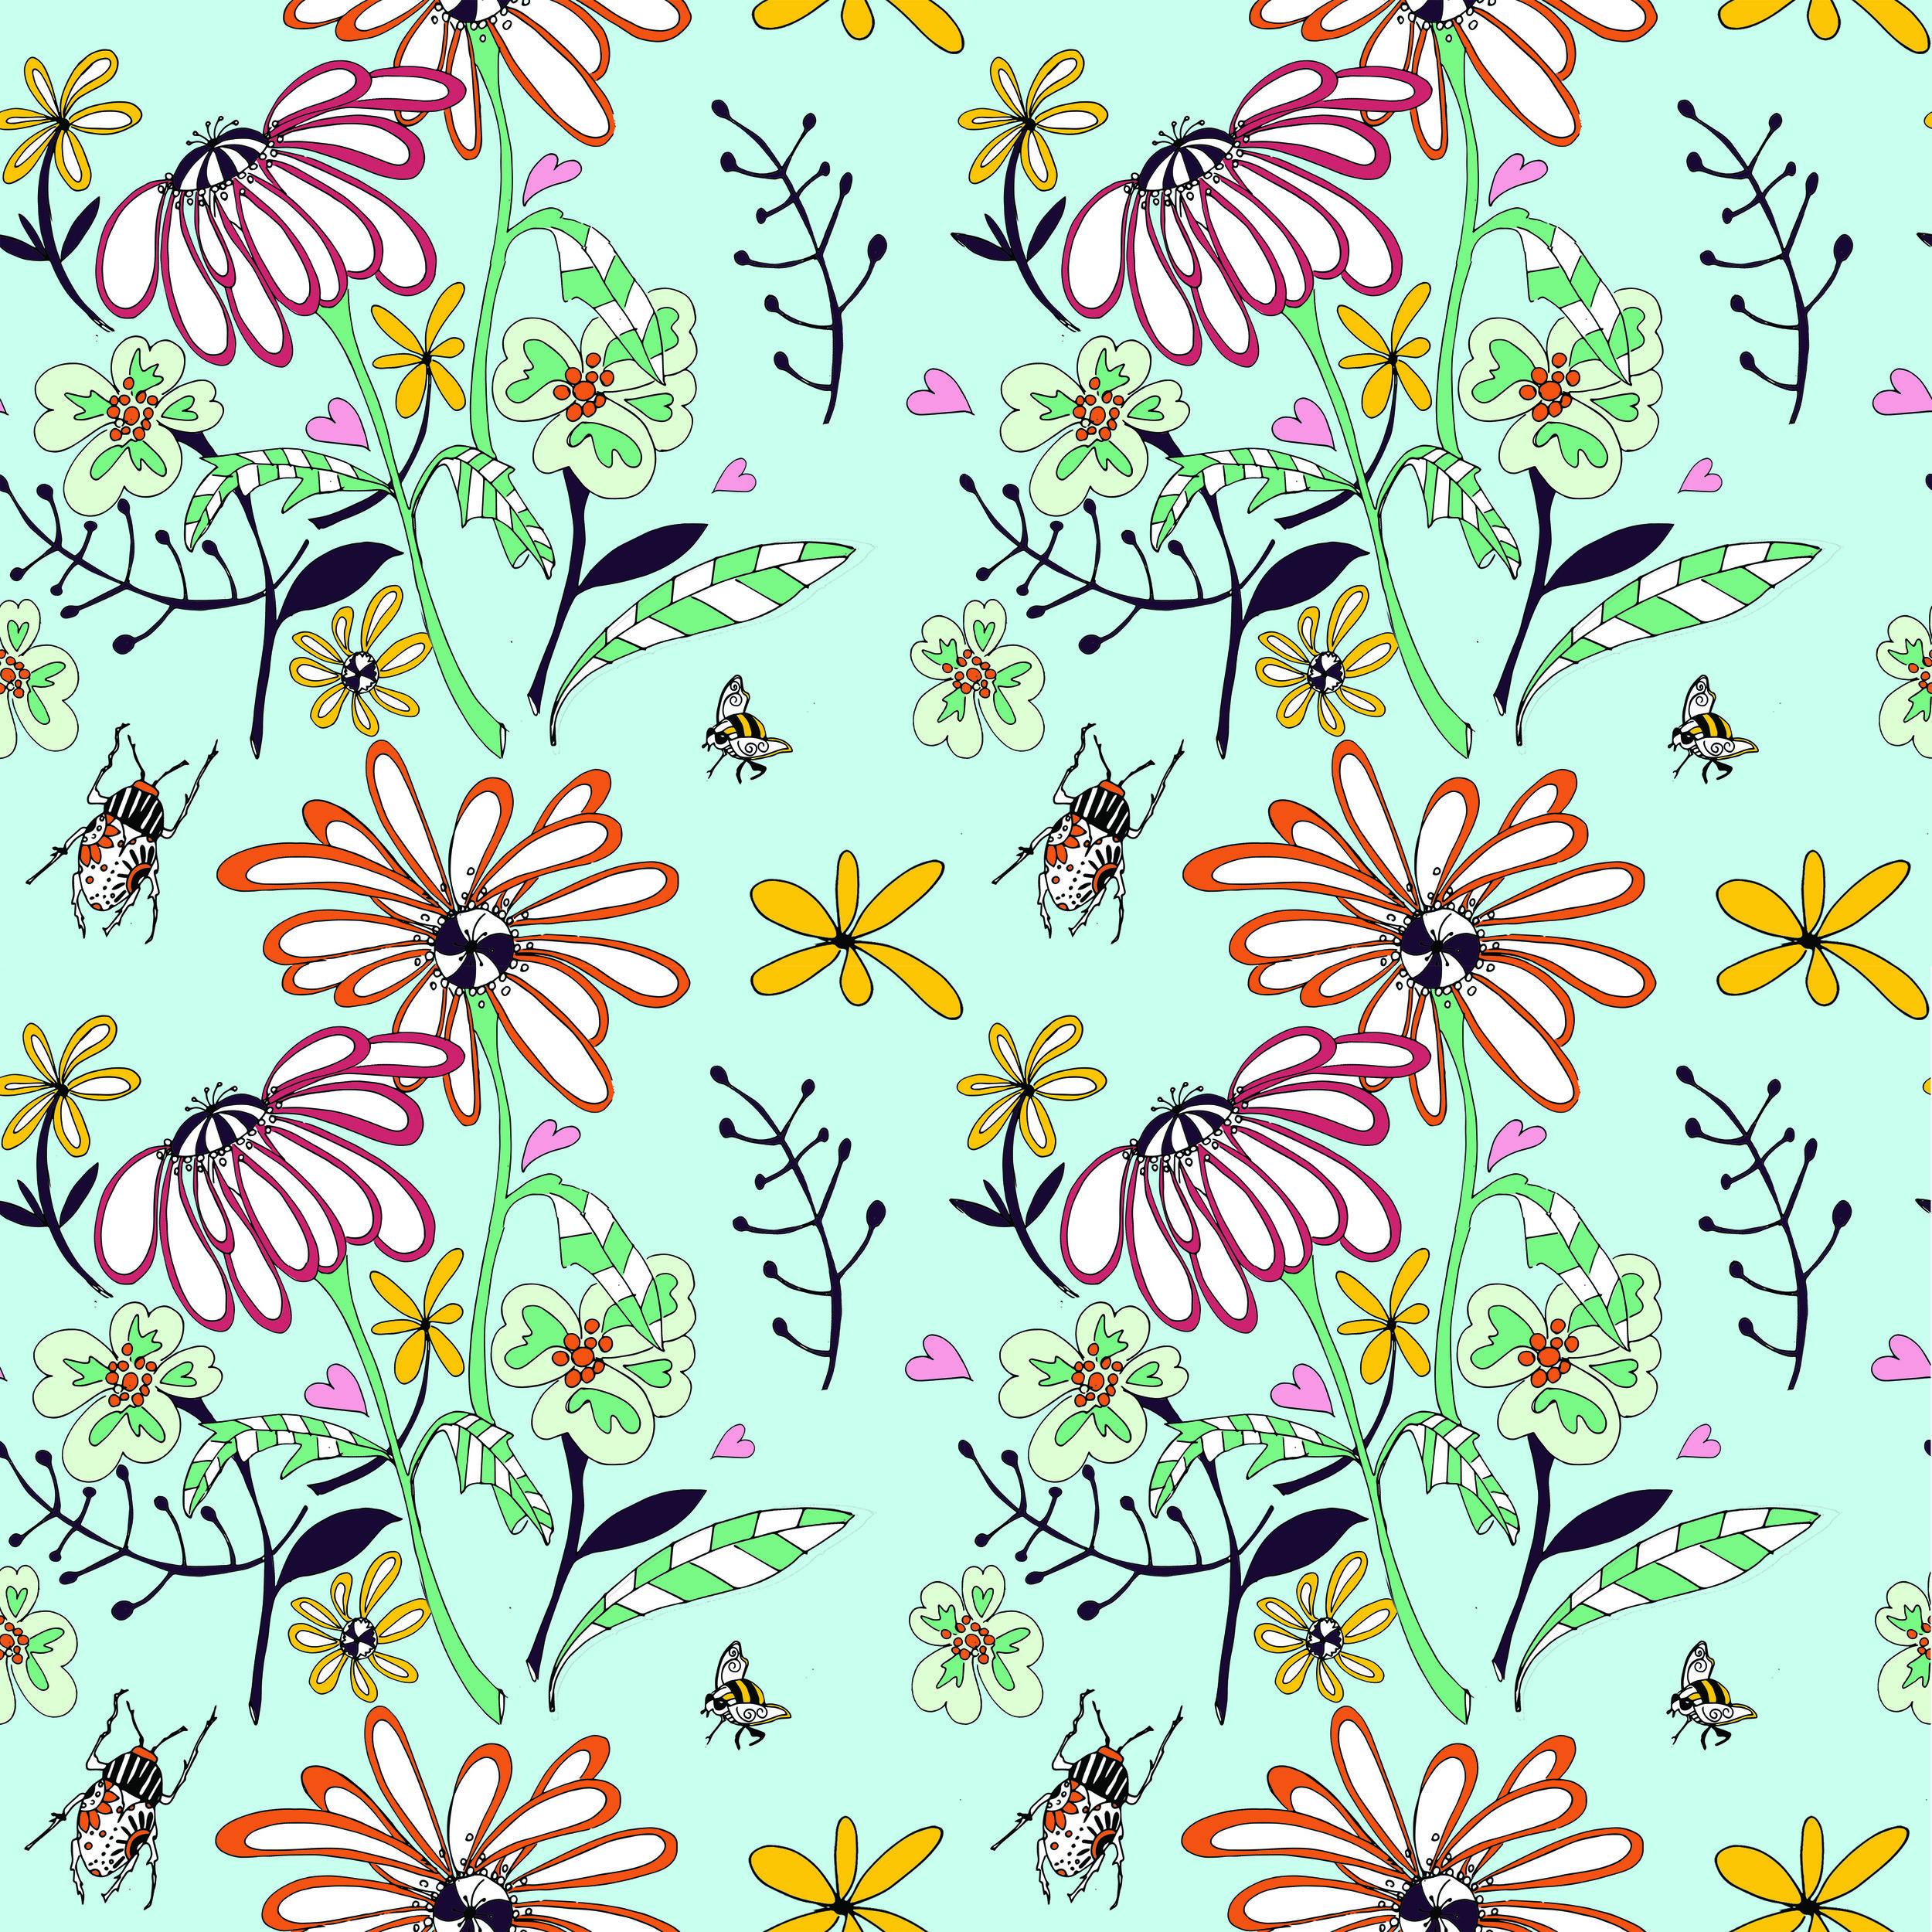 flowerbeebeatlepattern_repeat.jpg